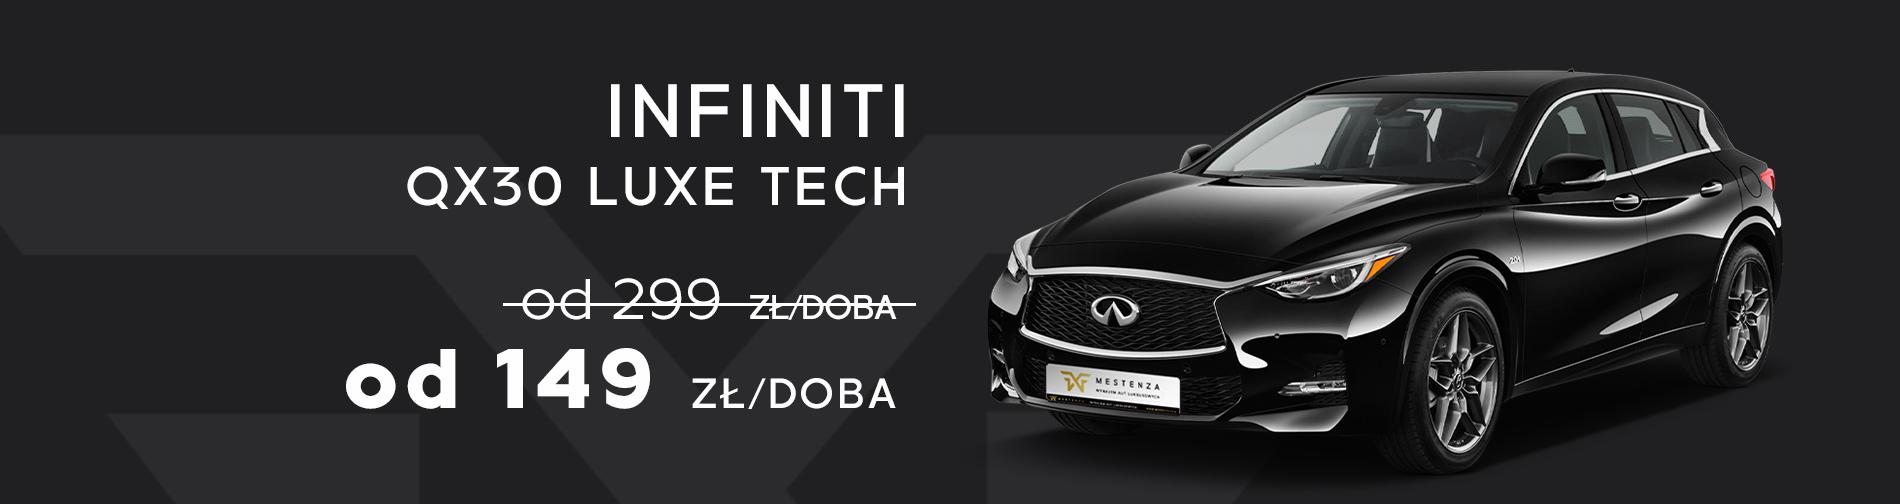 Infiniti QX30 Luxe Tech Wynajem samochodów w promocji taniej Trójmiasto